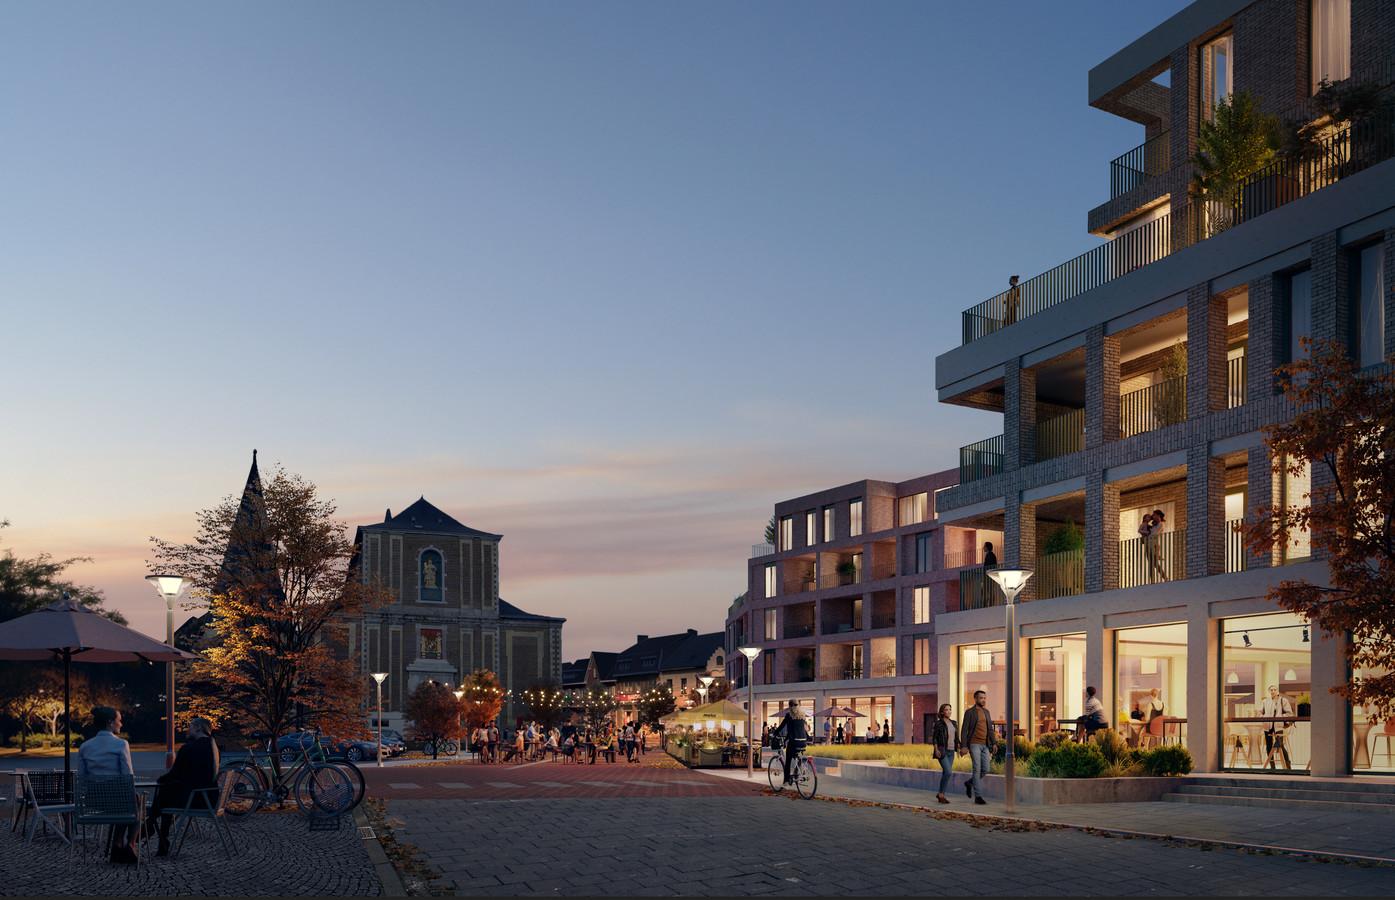 De Kwintsite van Zonhoven zal tegen 2024 volledig worden vernieuwd.